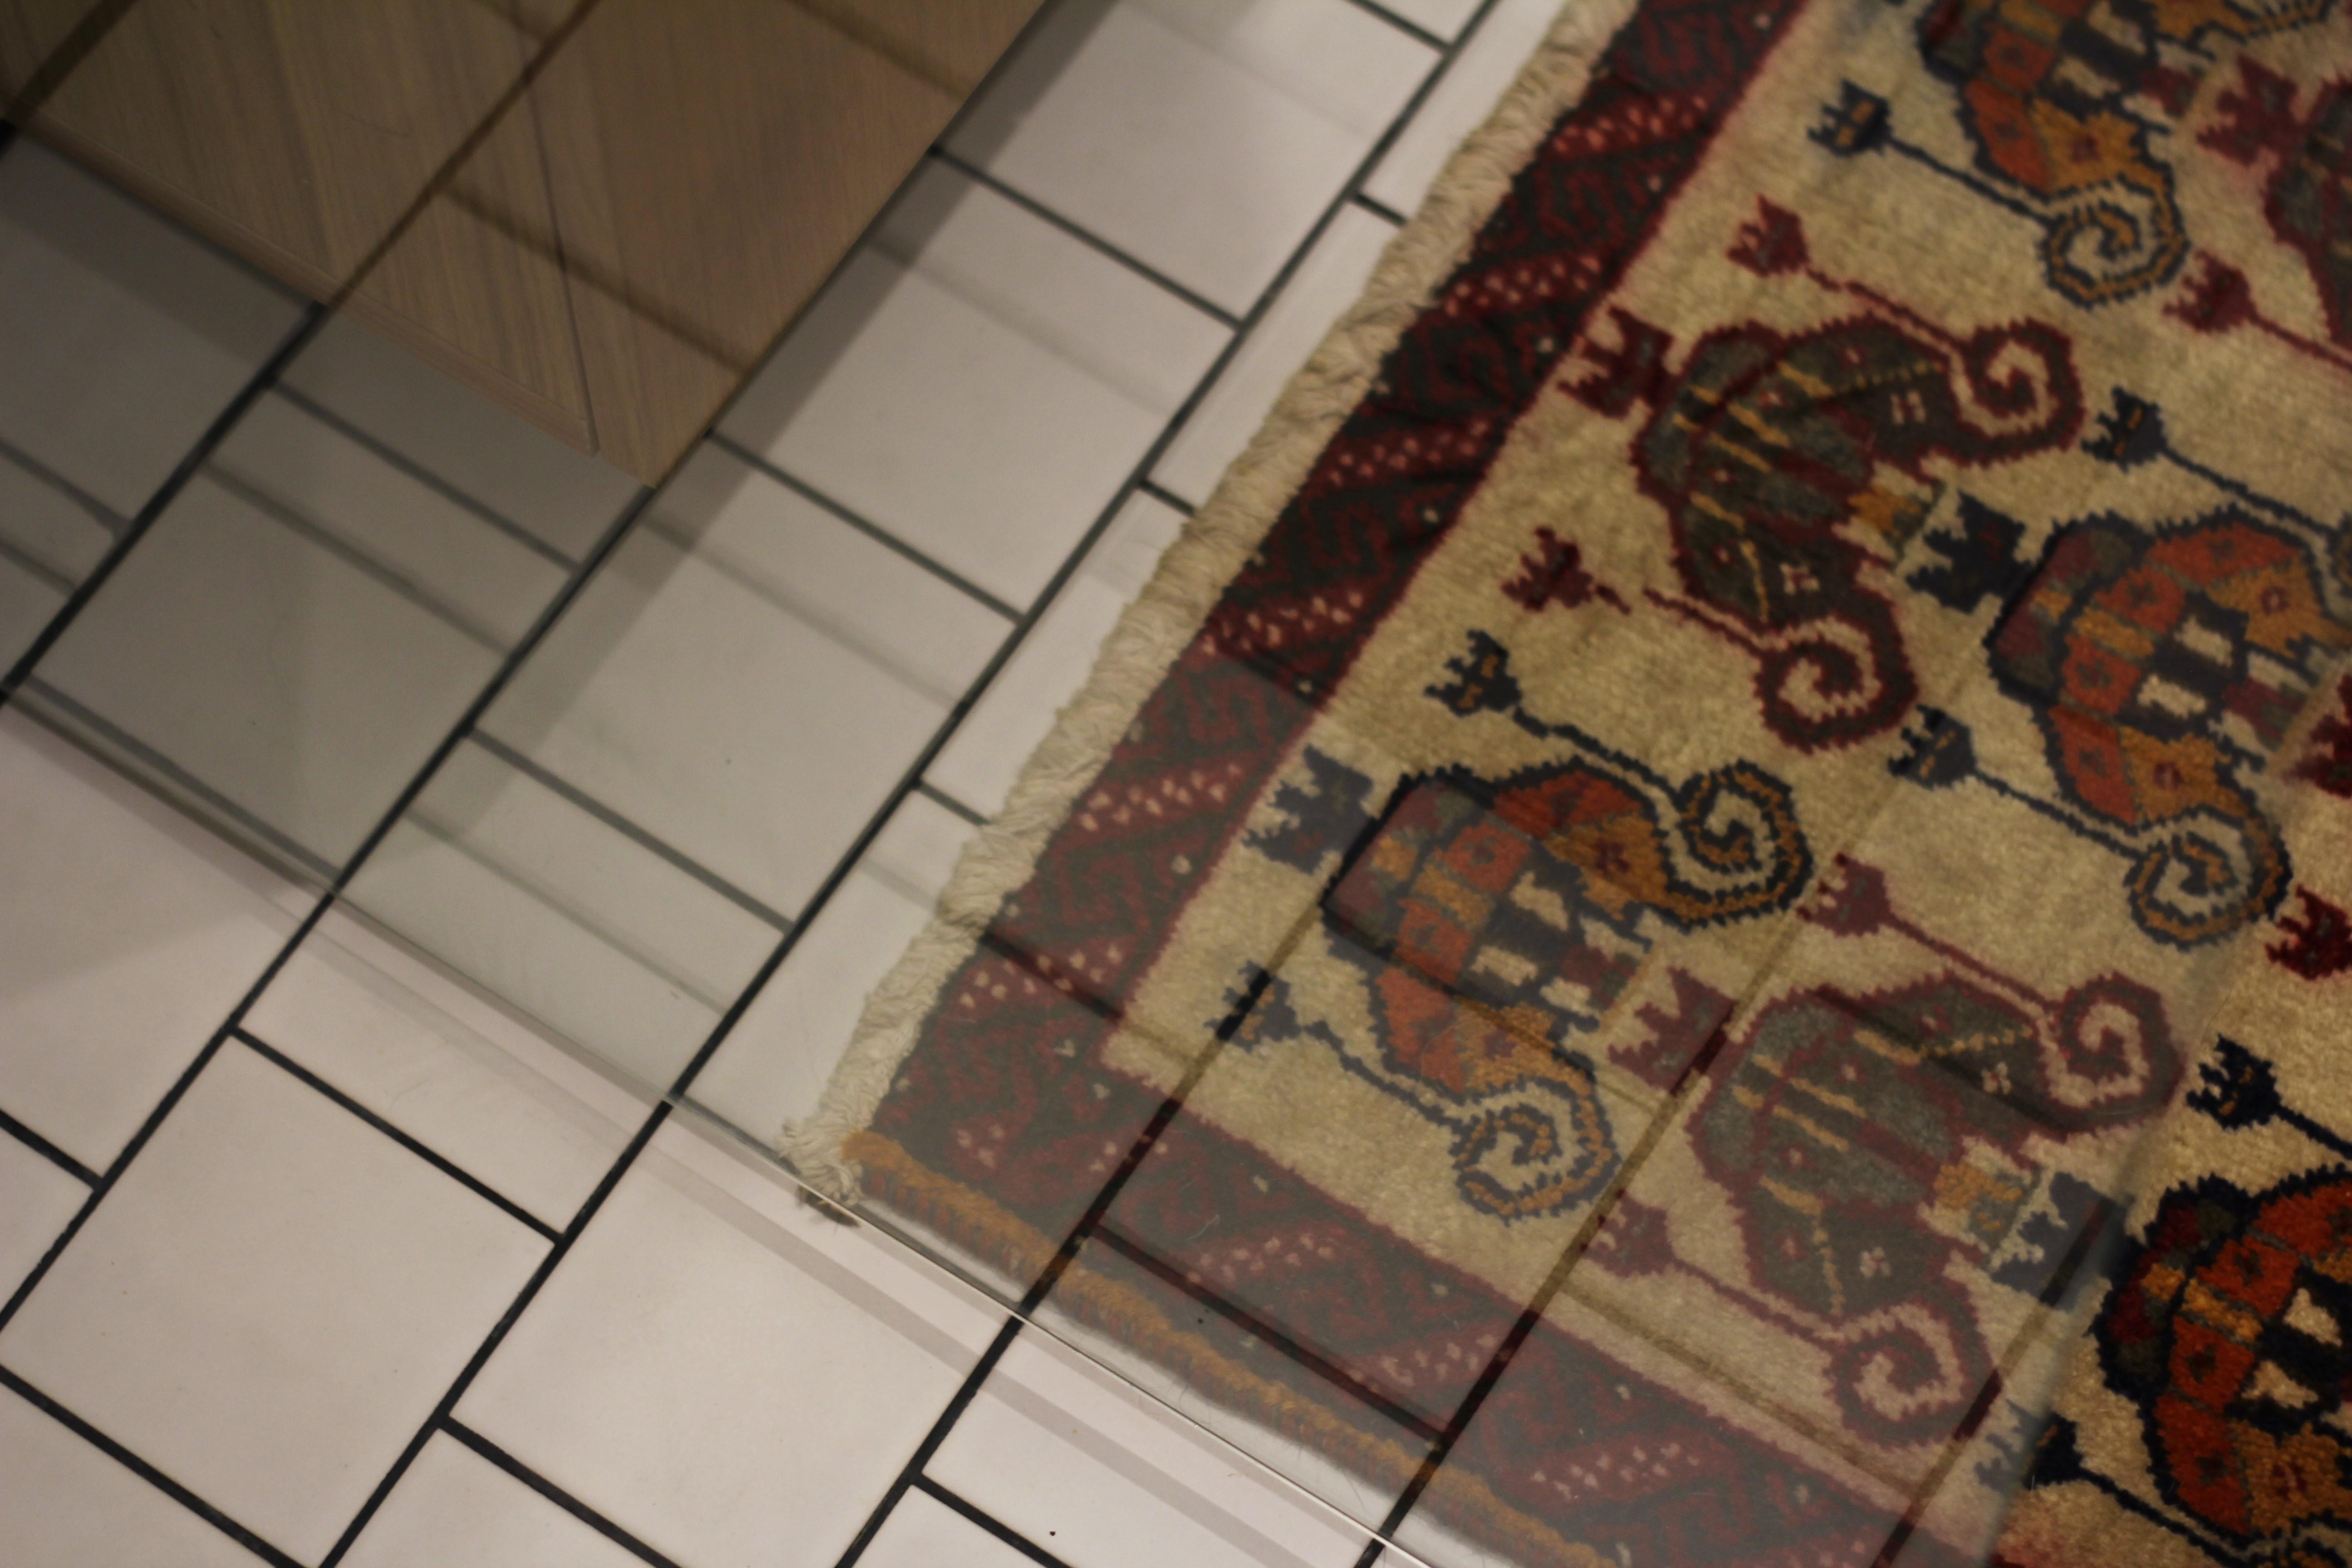 Kylpyhuoneen matoksi valitsimme pienen itämaisen villamaton Ikeasta. Villamatto tuo ylellistä tunnelmaa ja pehmentää kylpyhuoneen muuten graafista ja kovaakin ilmettä.